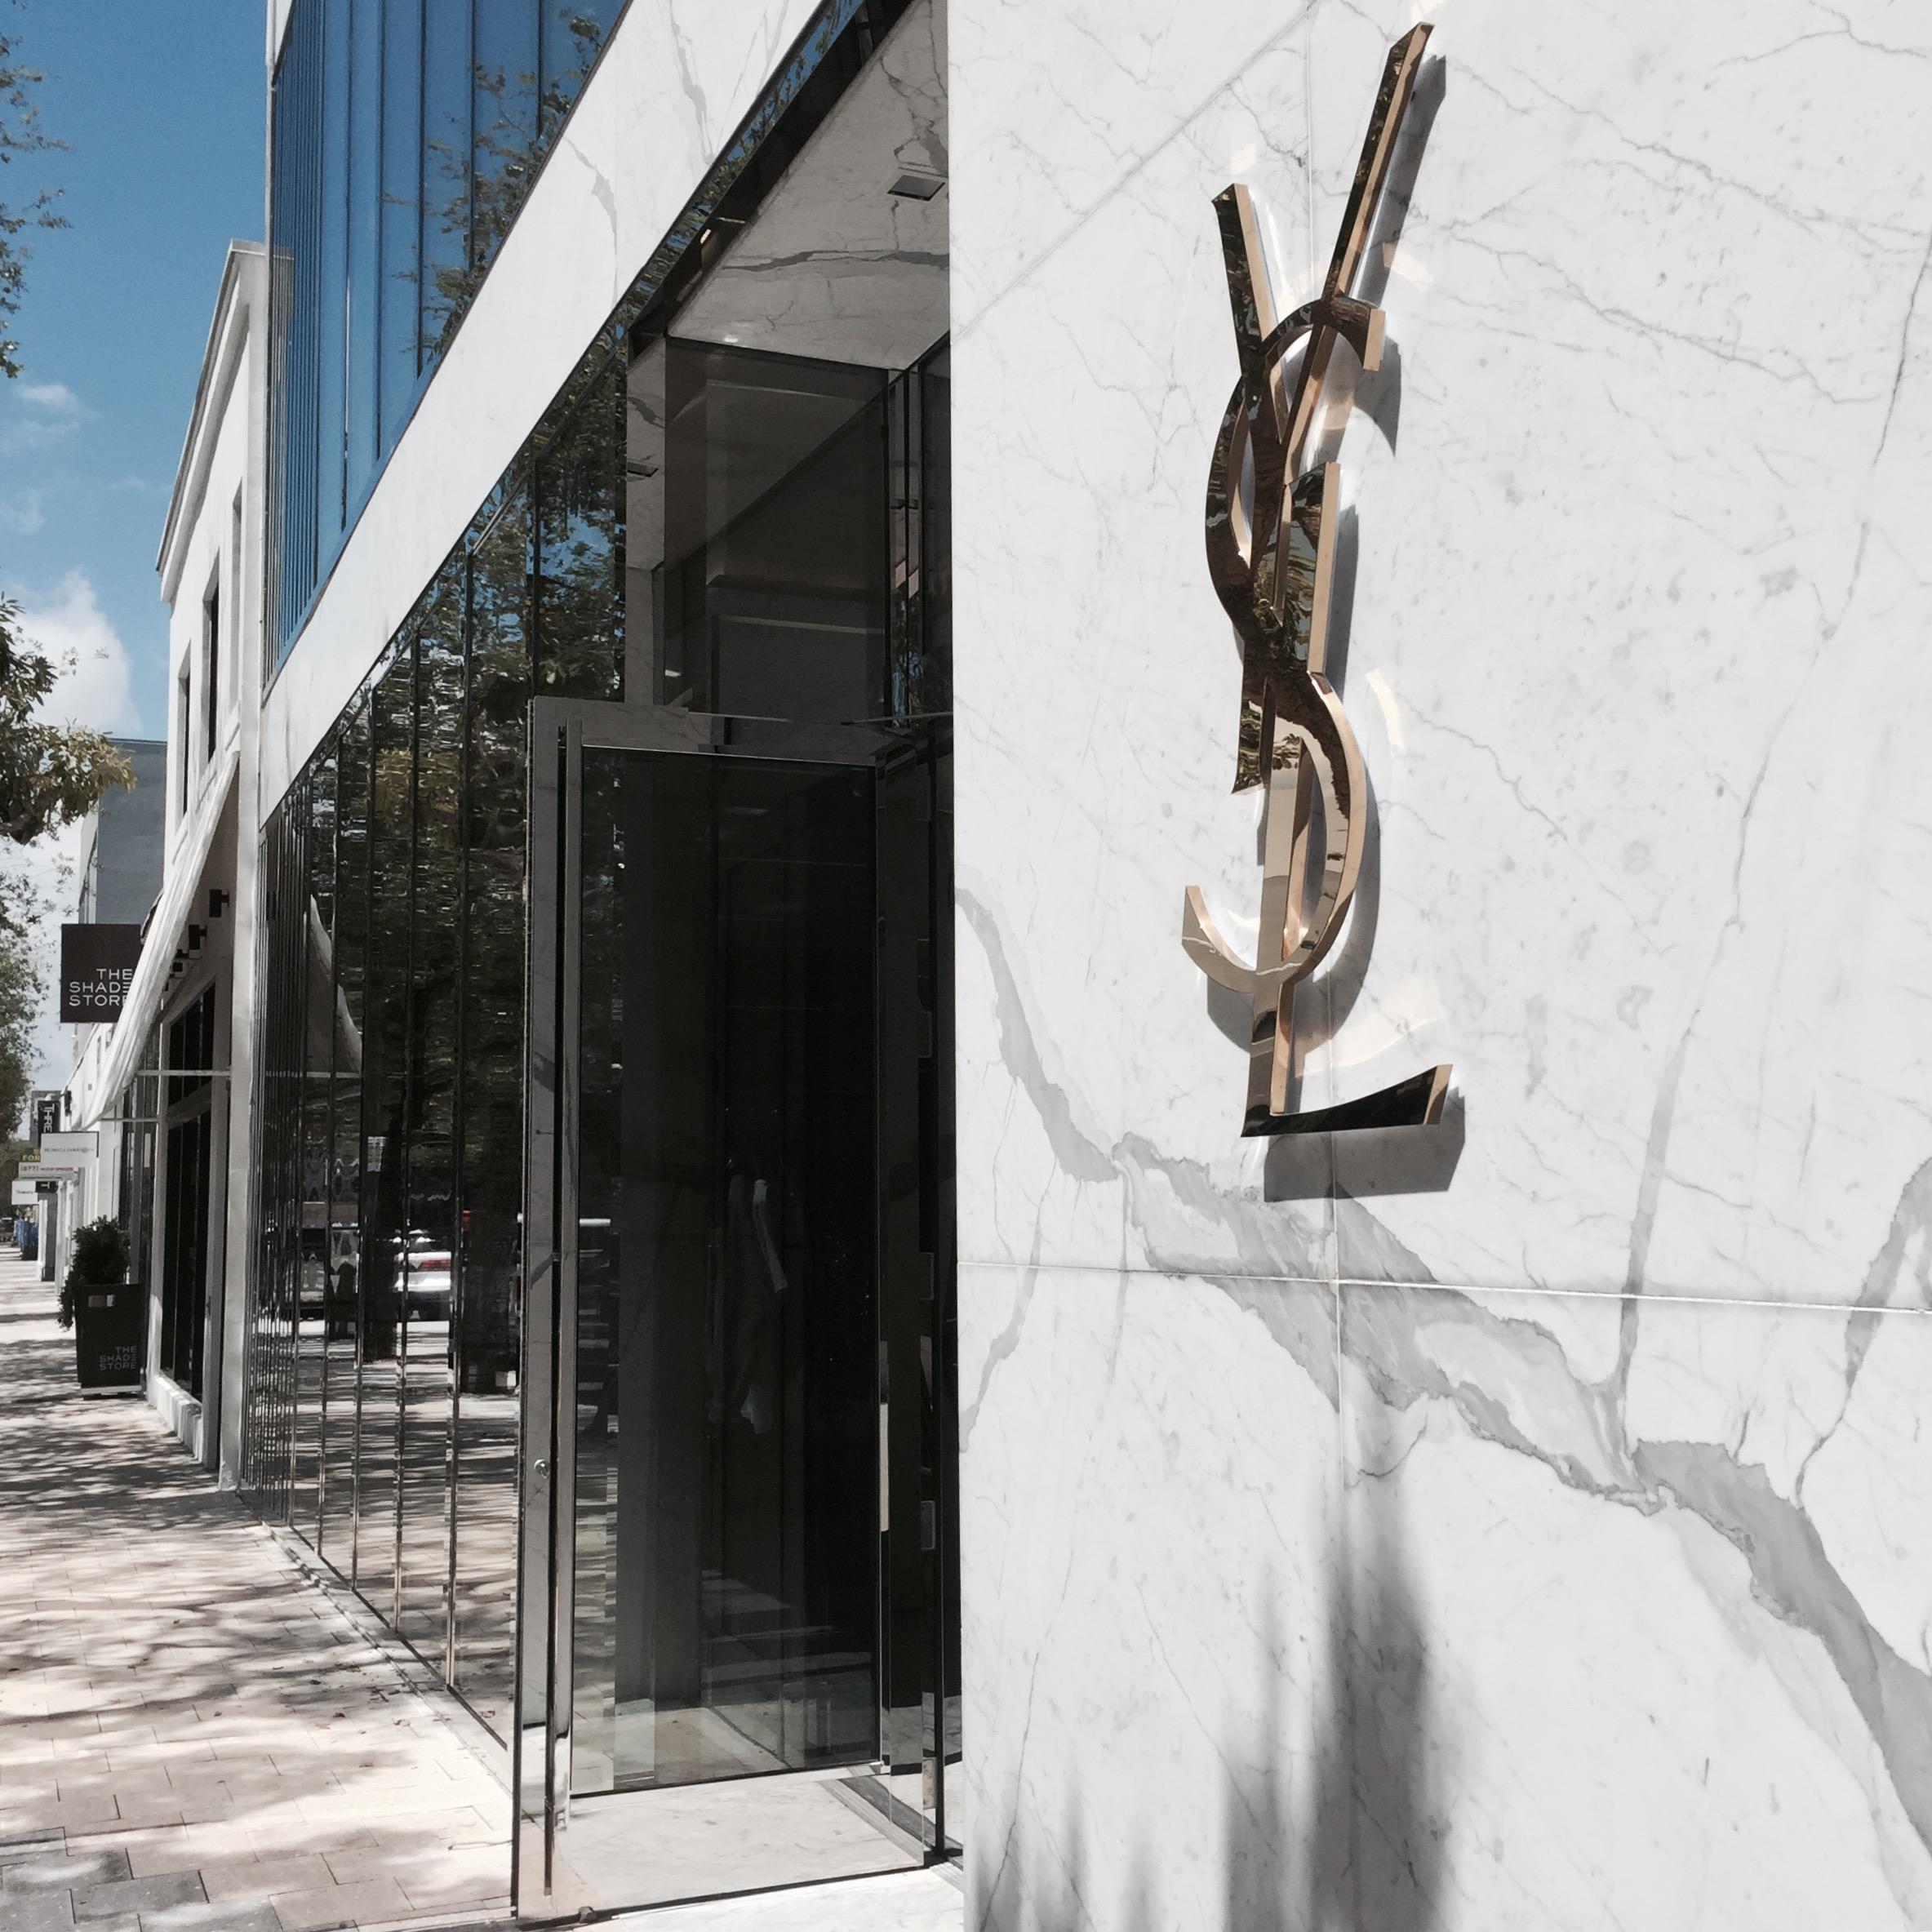 YSL at Miami Design District